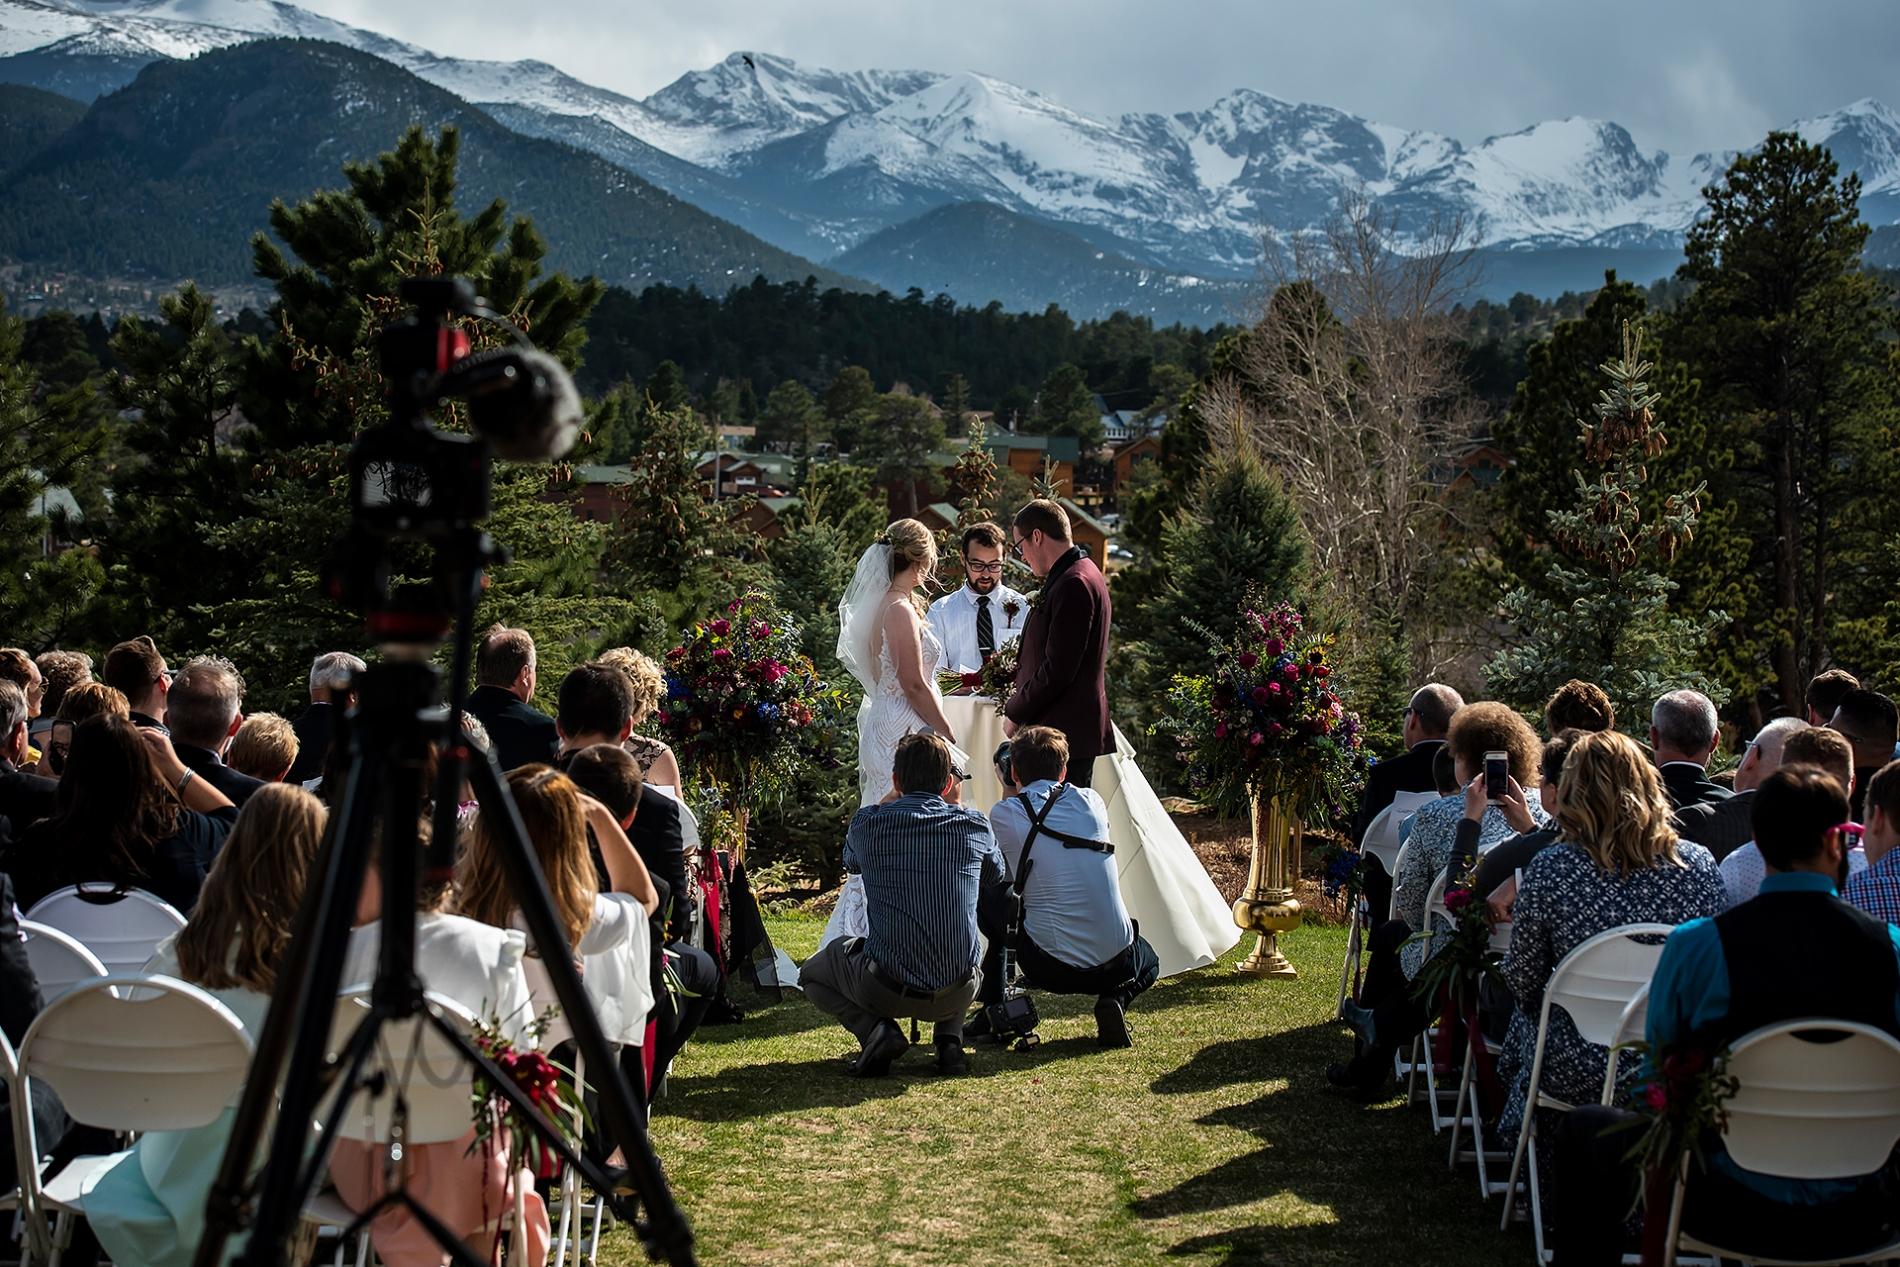 Veranstaltungsort für Hochzeiten im Stanley Hotel   Estes Park Hochzeitsfotograf   J. La Plante Foto